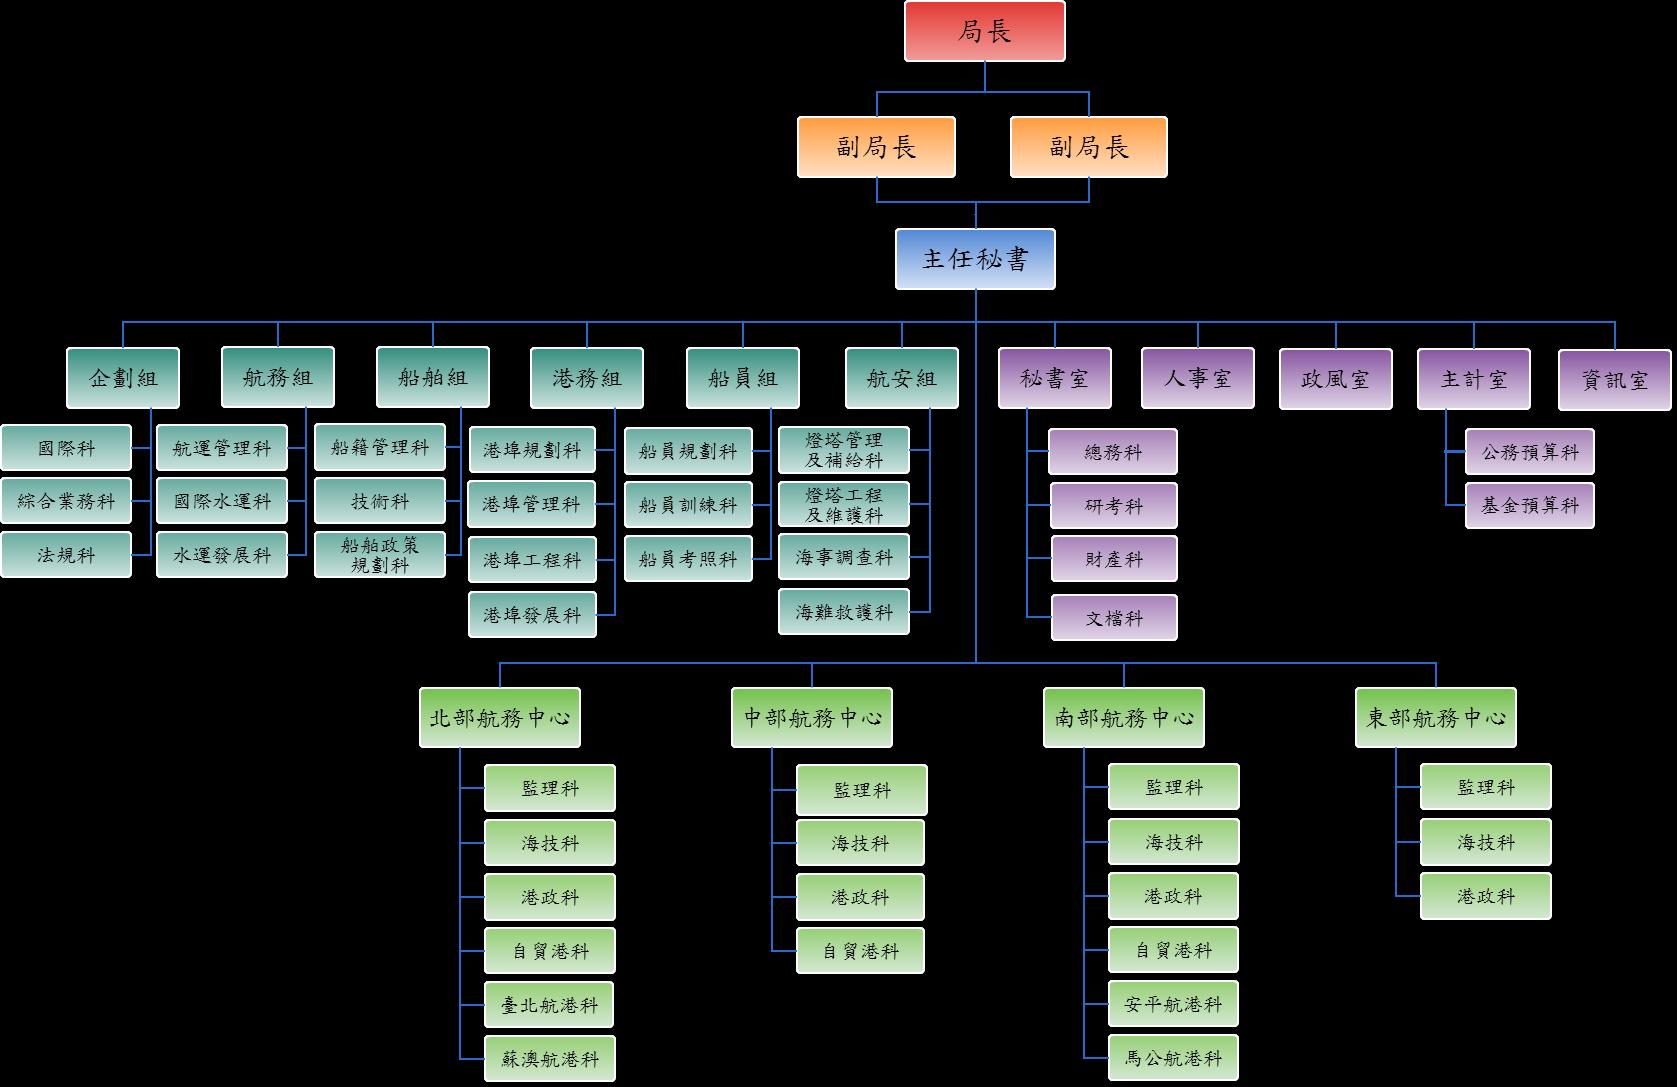 航港局組織架構圖